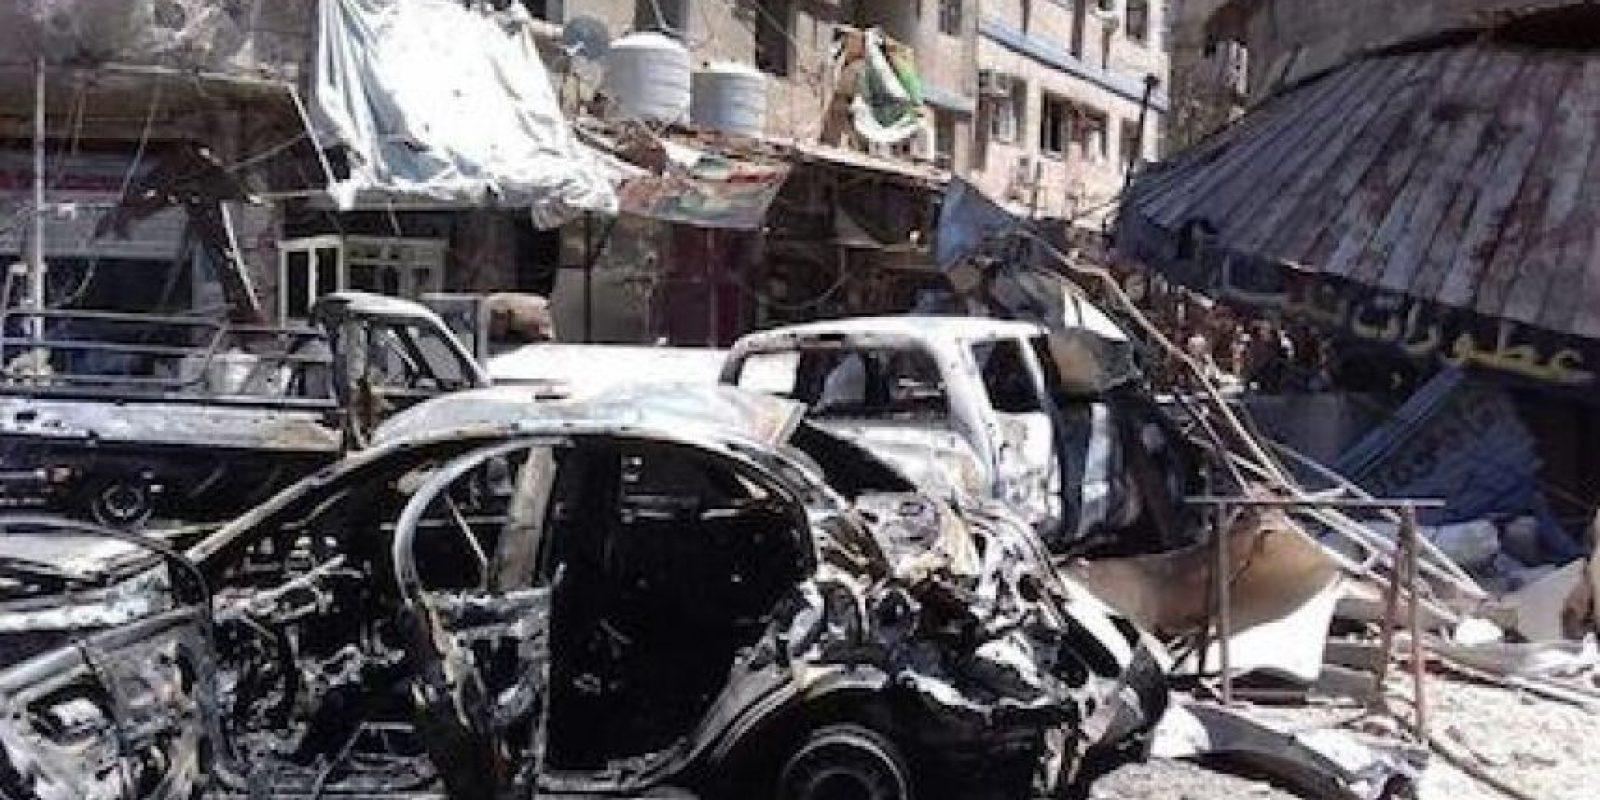 Vehículos y negocios en llamas, edificios derruidos, con balcones, puertas y ventanas arrancados de sus fachadas tras los atentados en Zayeda Zeinab, en las afueras de Damasco. Foto:EFE/ Archivo